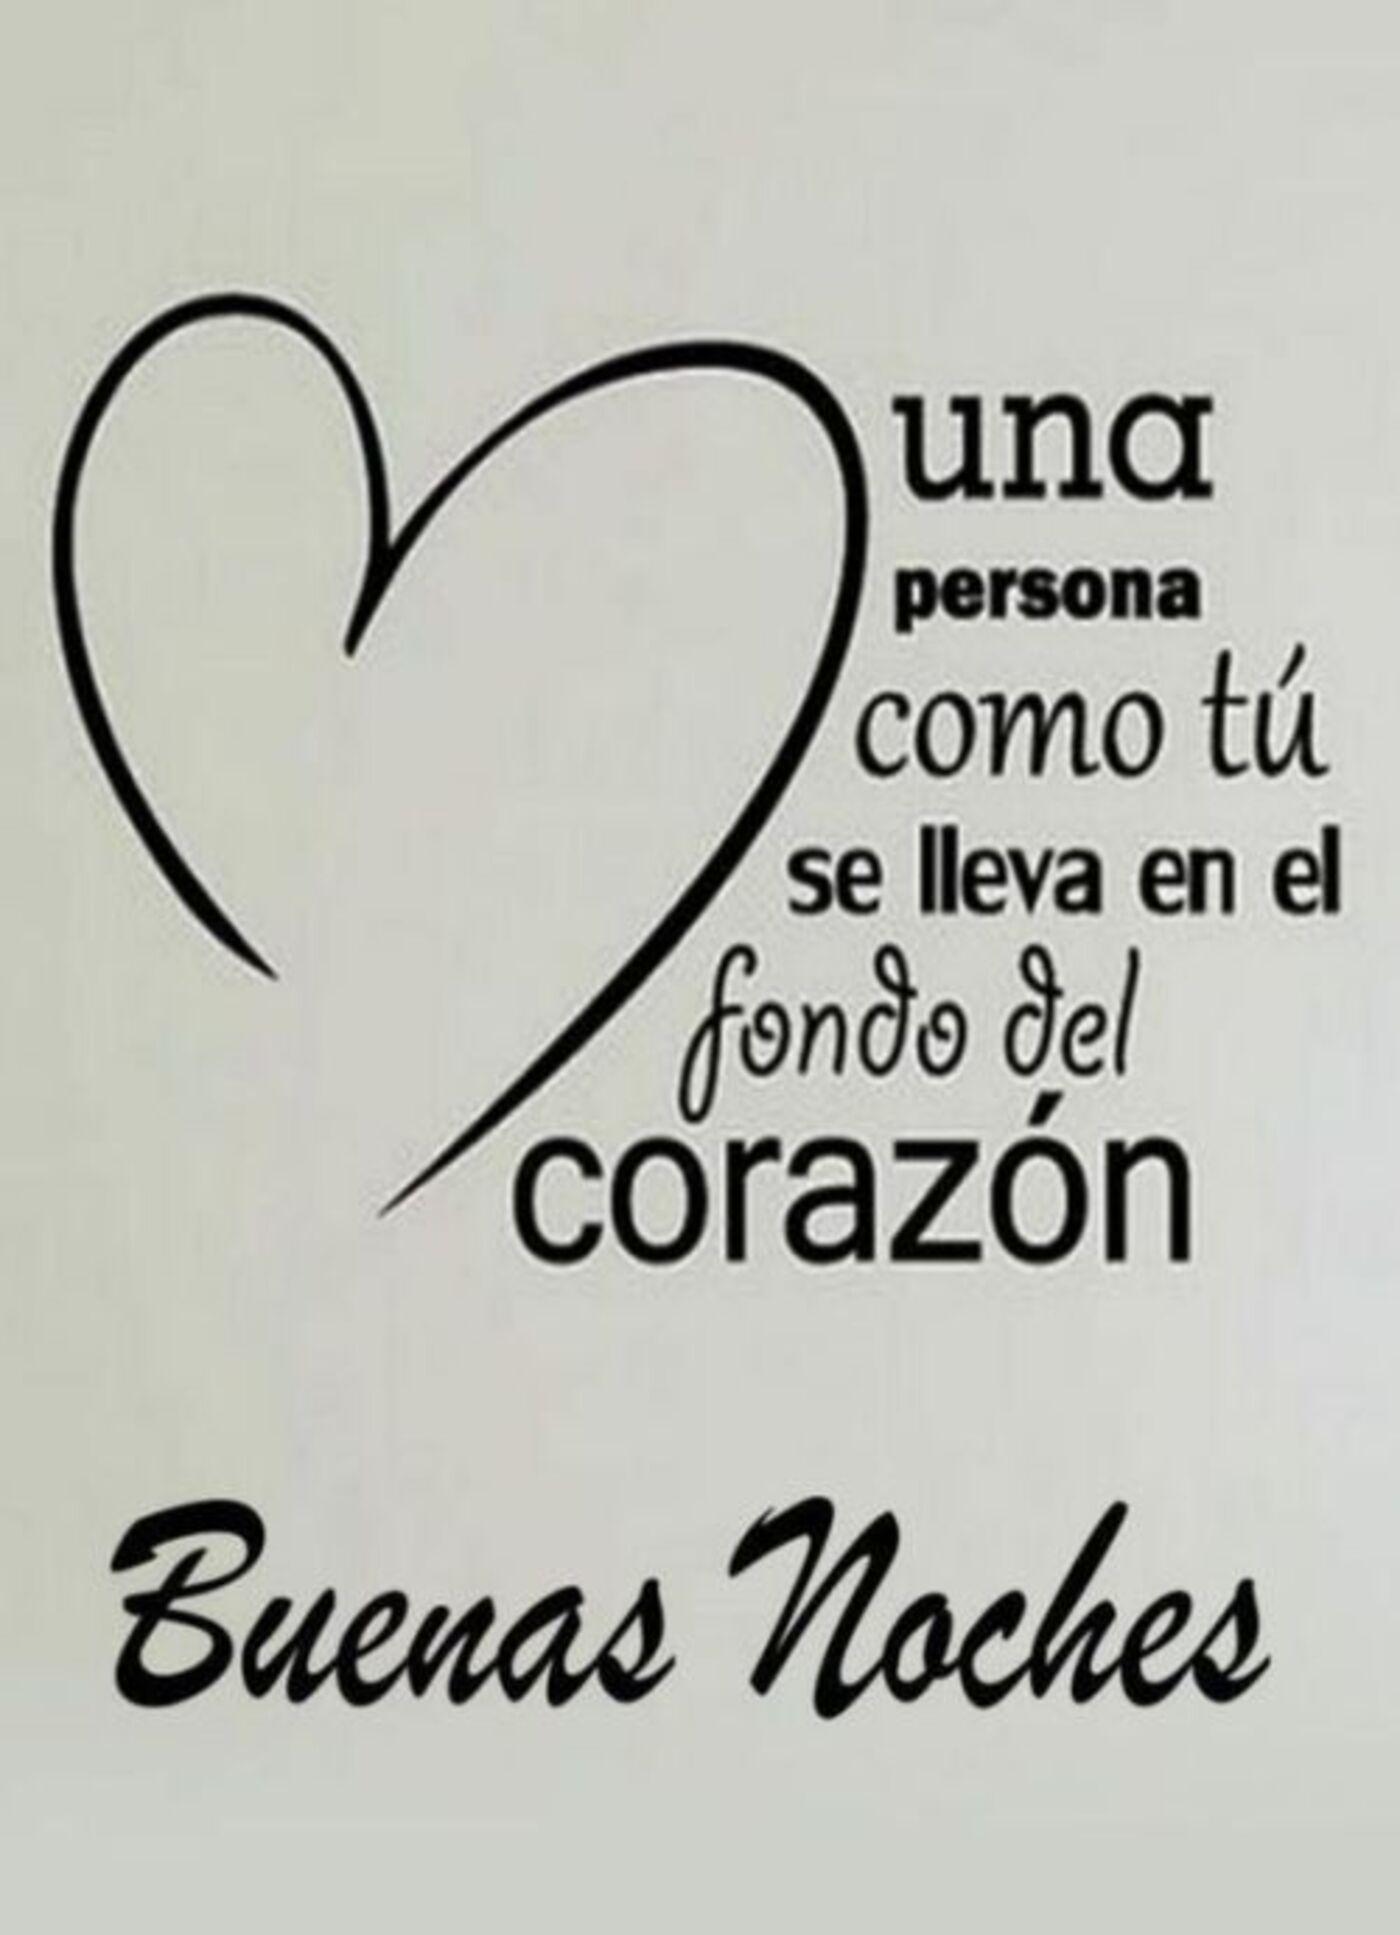 Una persona como tú se lleva en el fondo del corazón...Buenas Noches